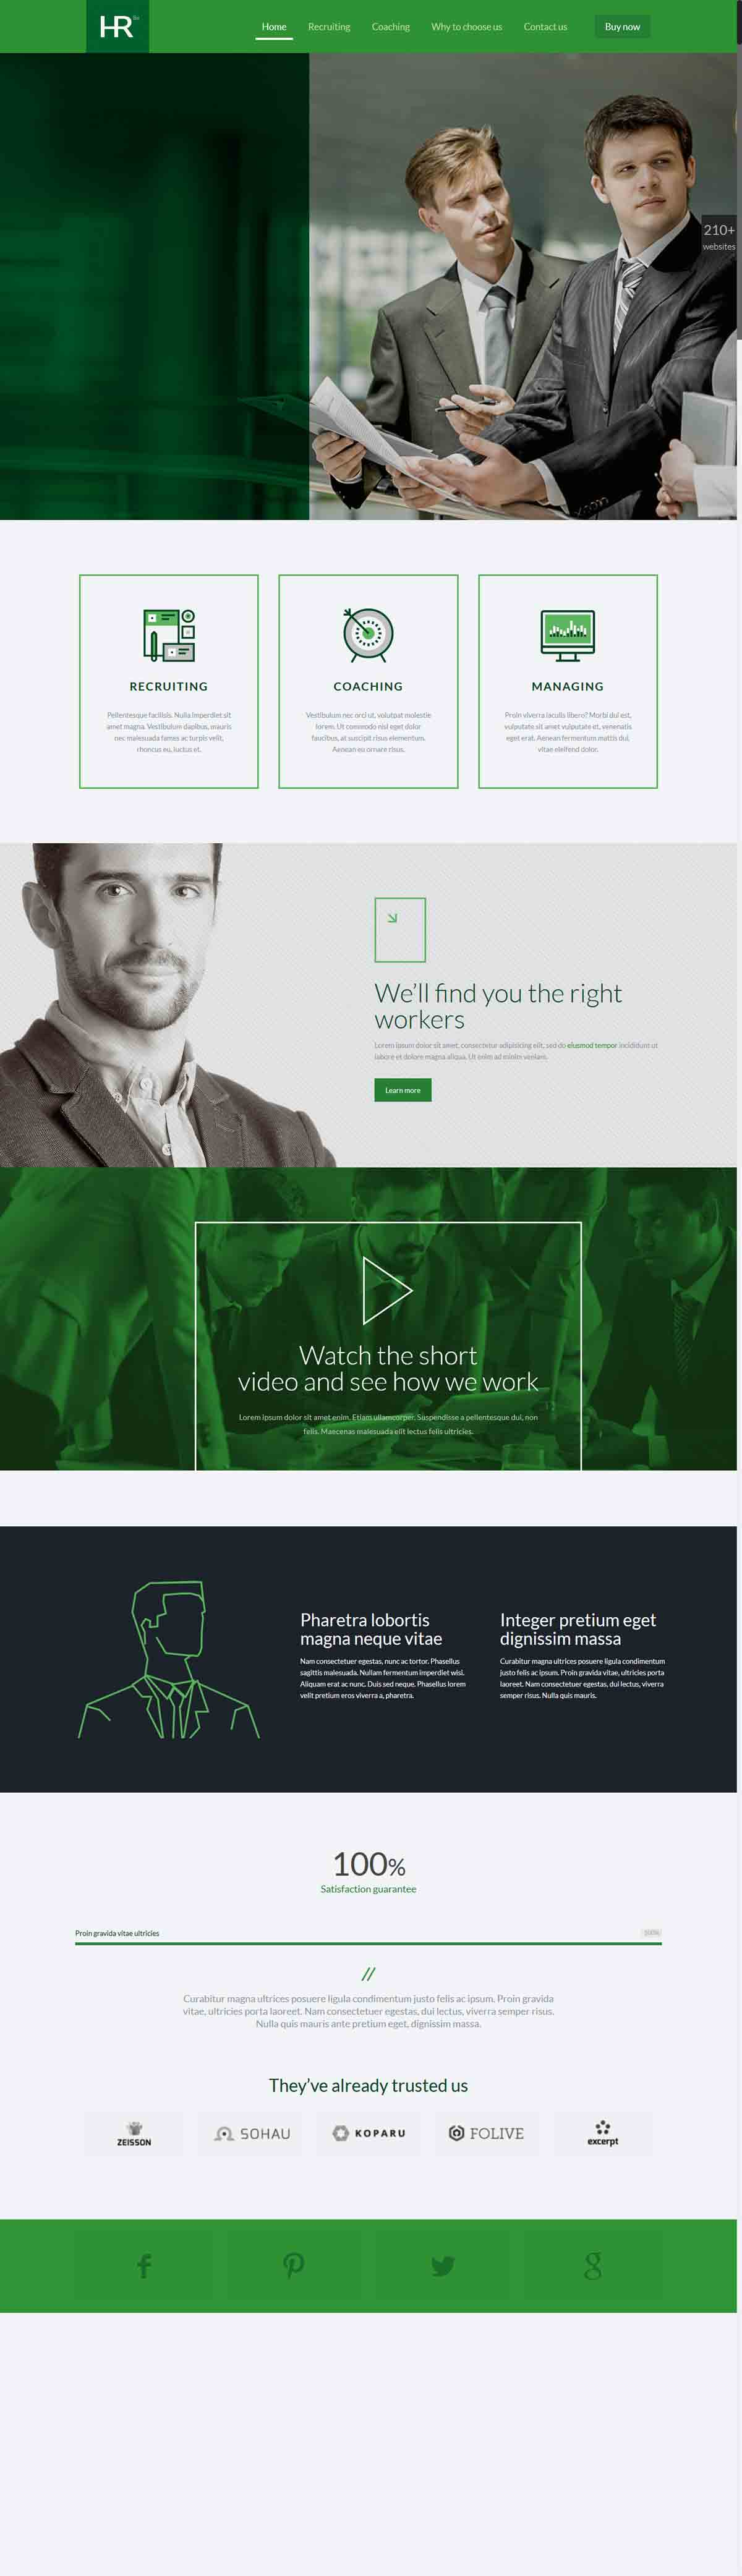 طراحی وب سایت بازرگانی حرفه ای